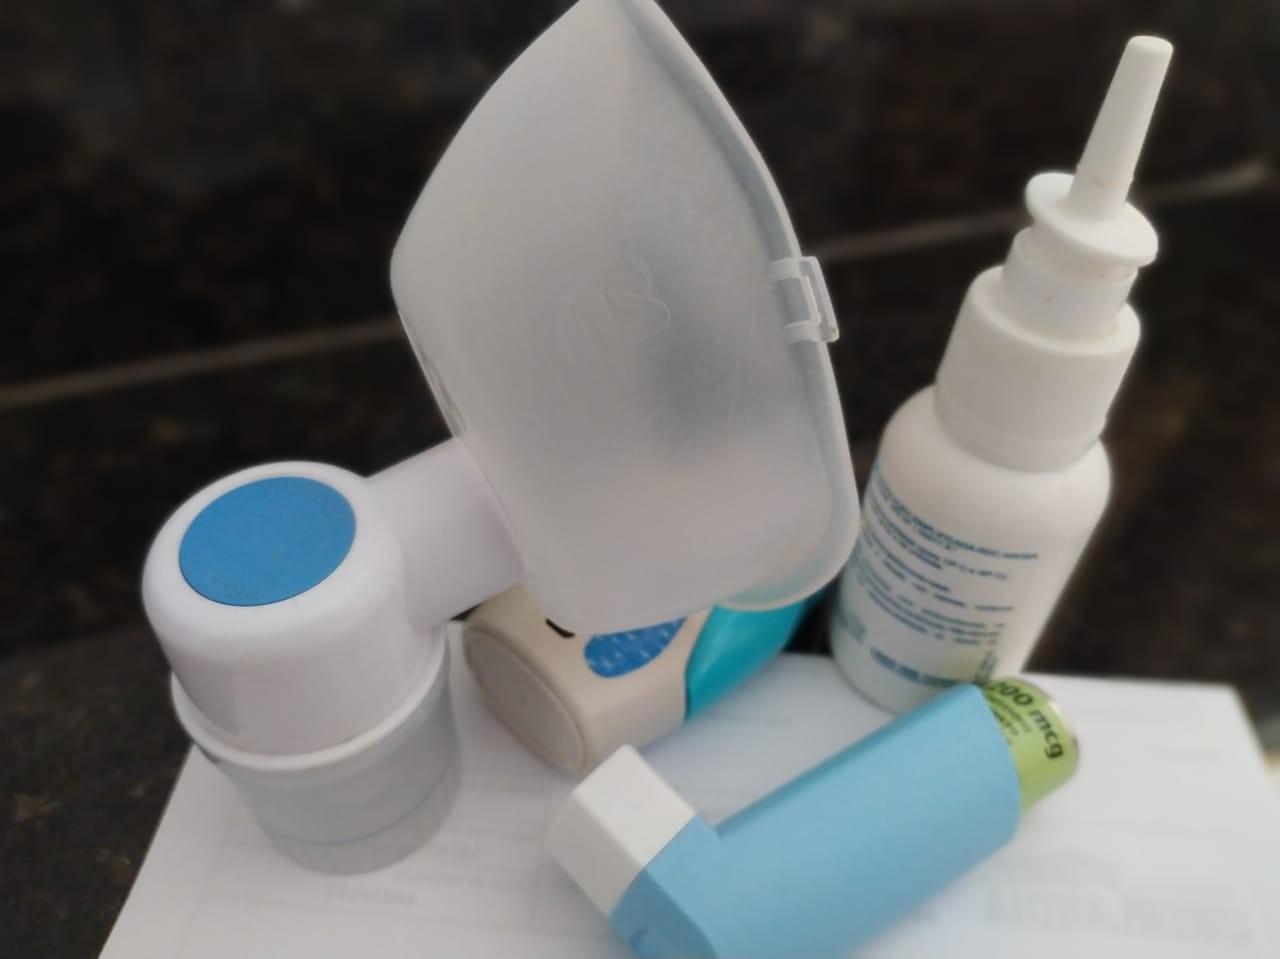 Em Ipatinga, óbitos por causas respiratórias cresceu 12% nos últimos dois anos durante o inverno, diz Registro Civil